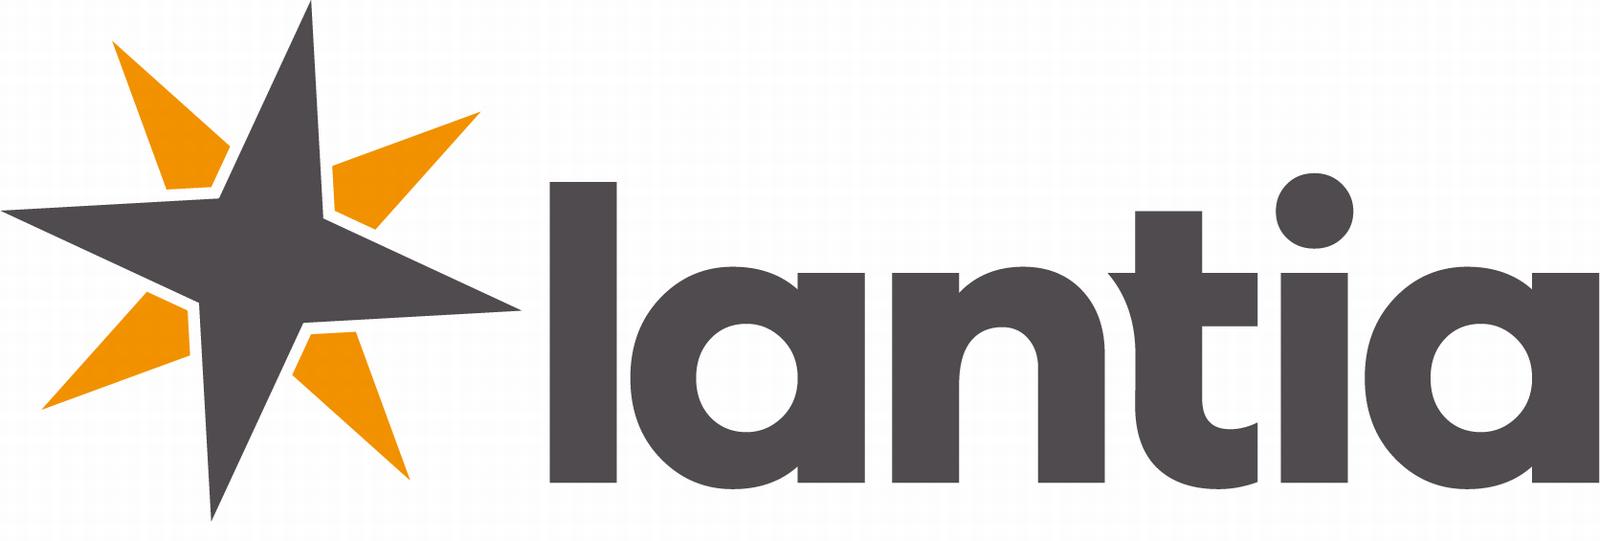 lantia logo